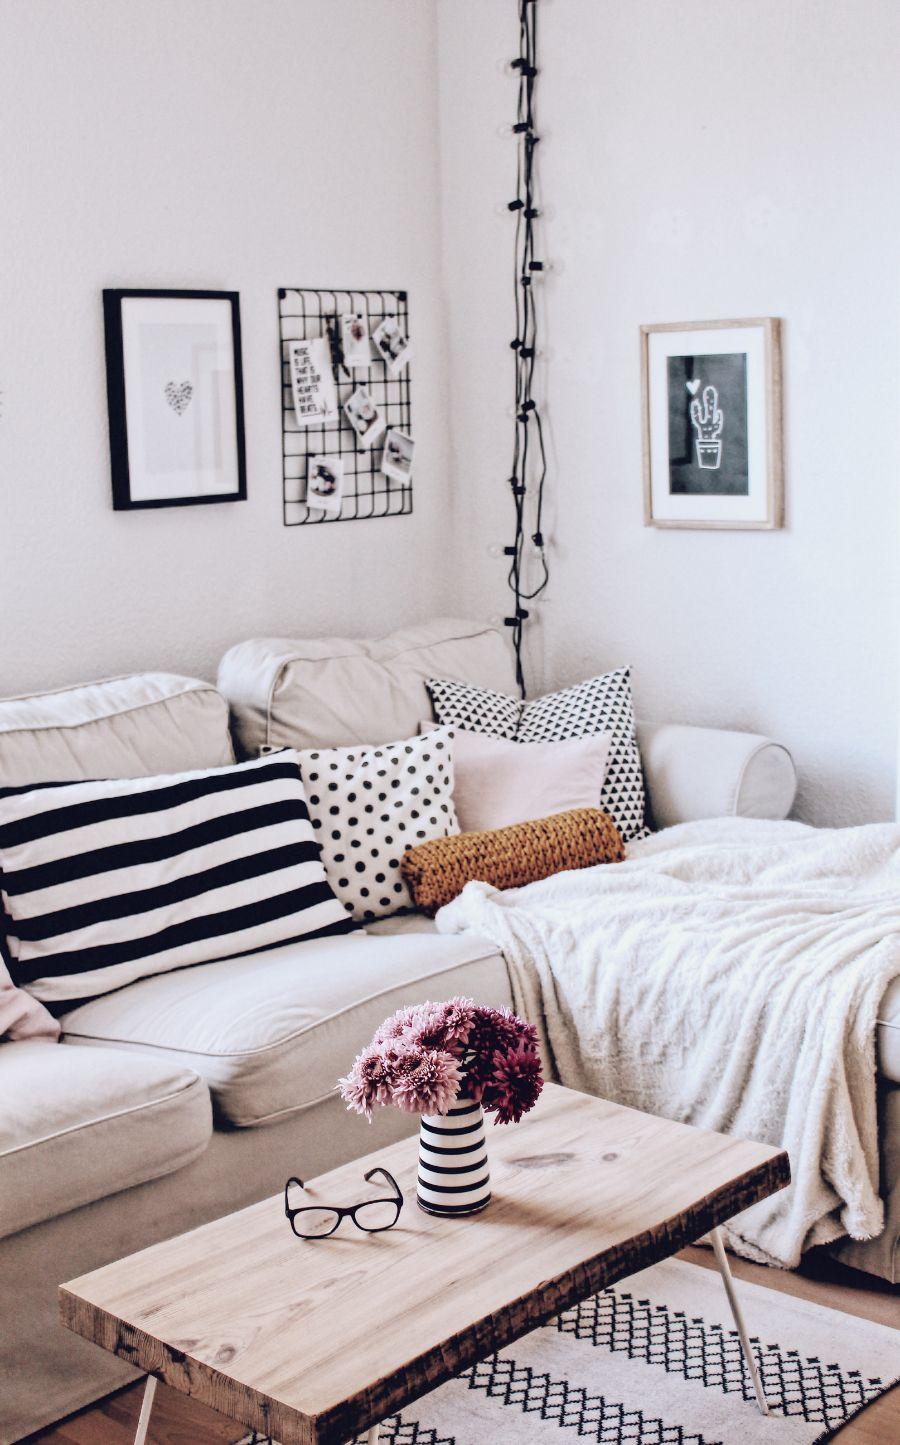 Interior design-ideen wohnzimmer mit tv neues aus dem wohnzimmer  kissenrolle mit textilgarn  apartments